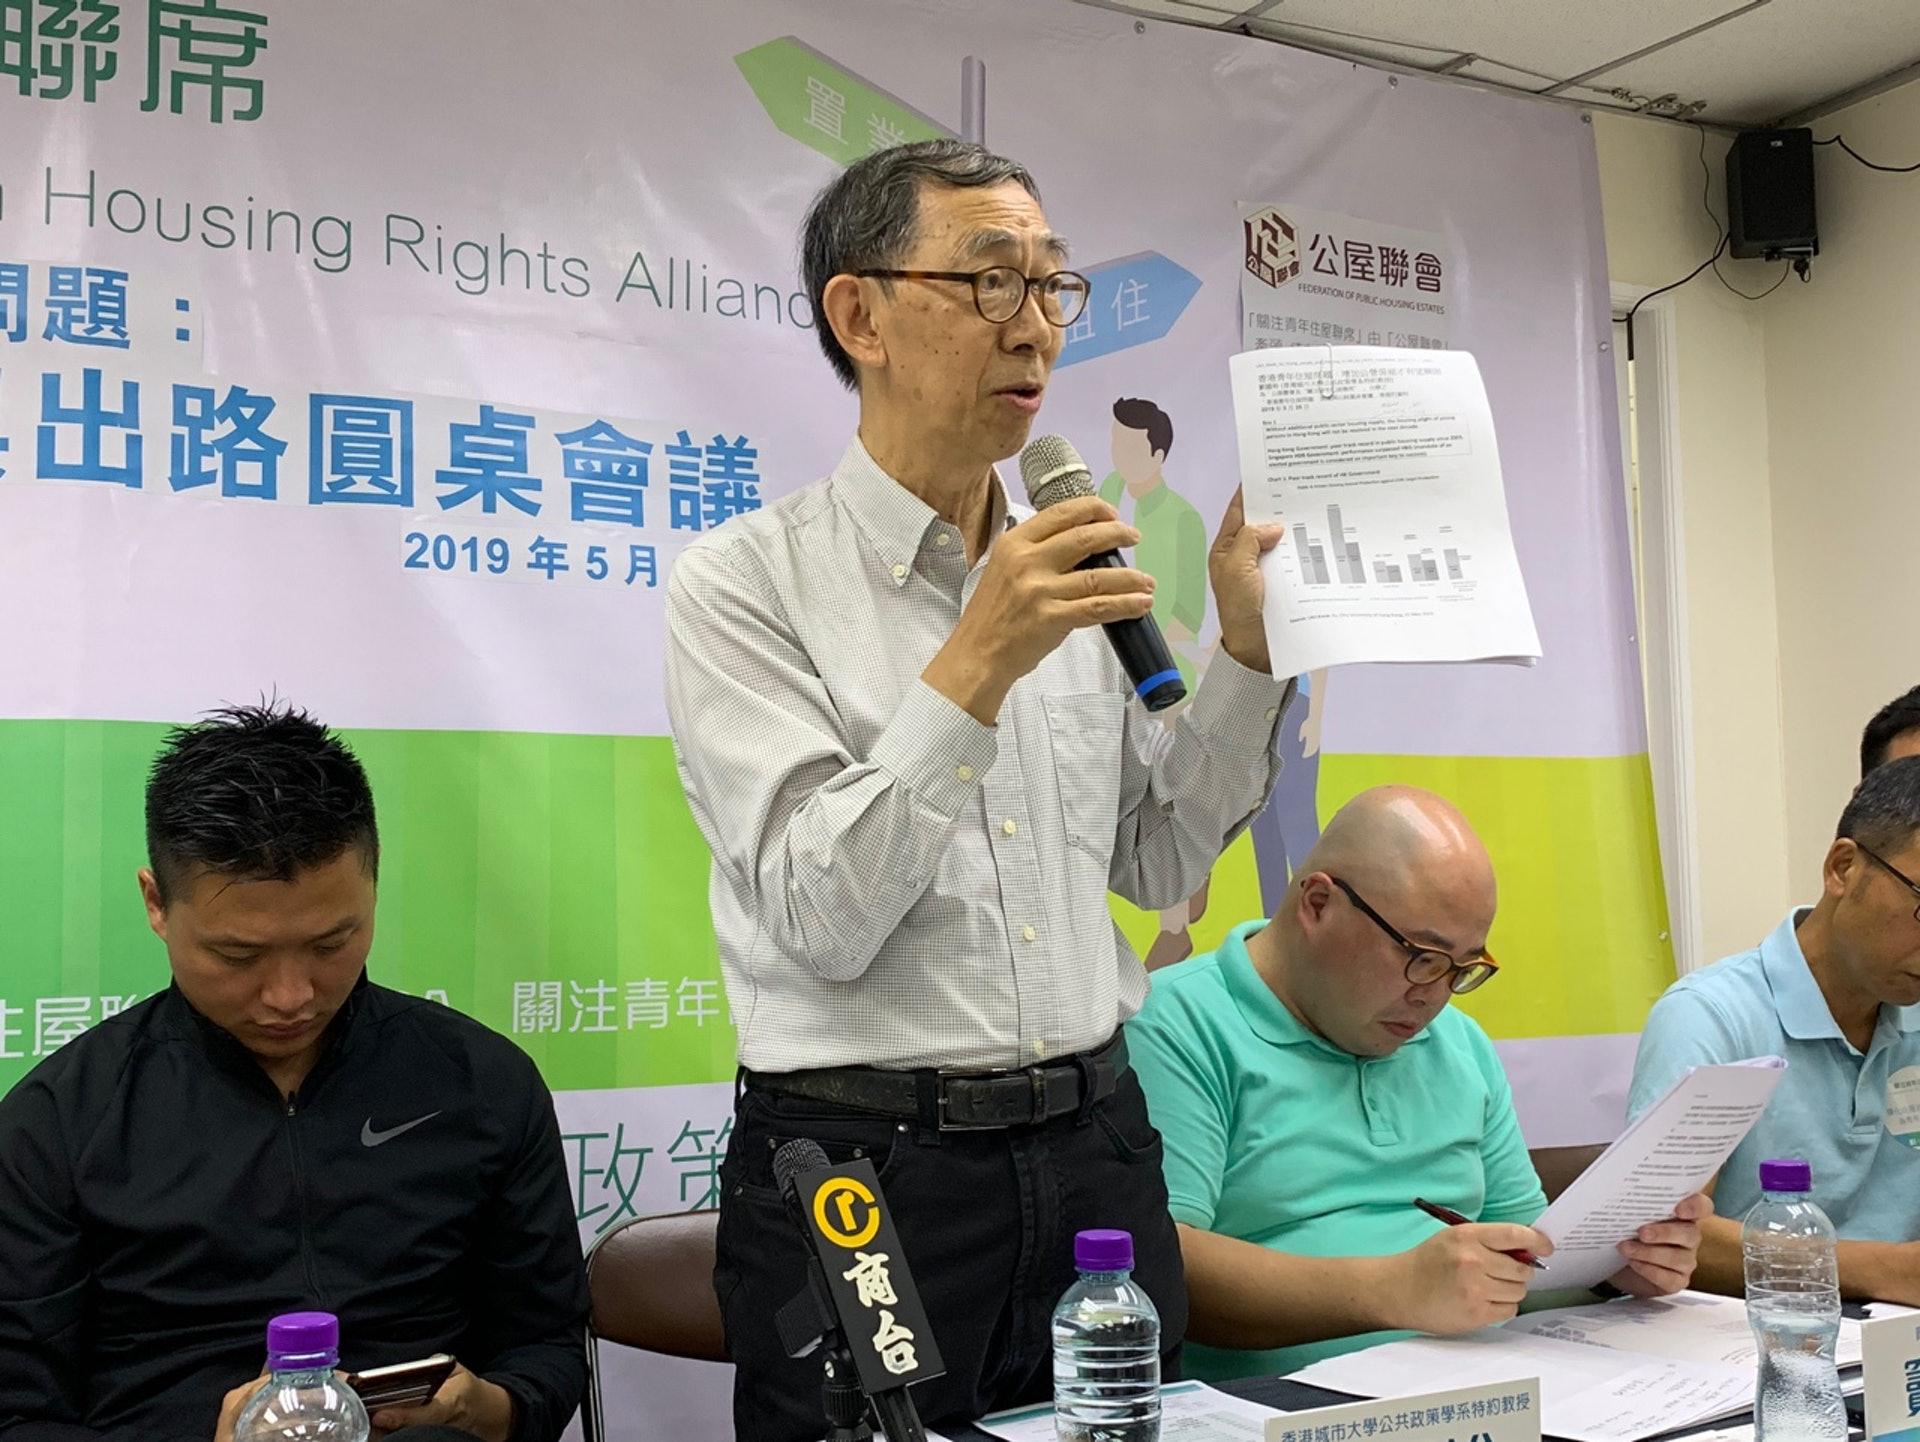 劉國裕建議增設預批居屋購買權。(張嘉敏攝)